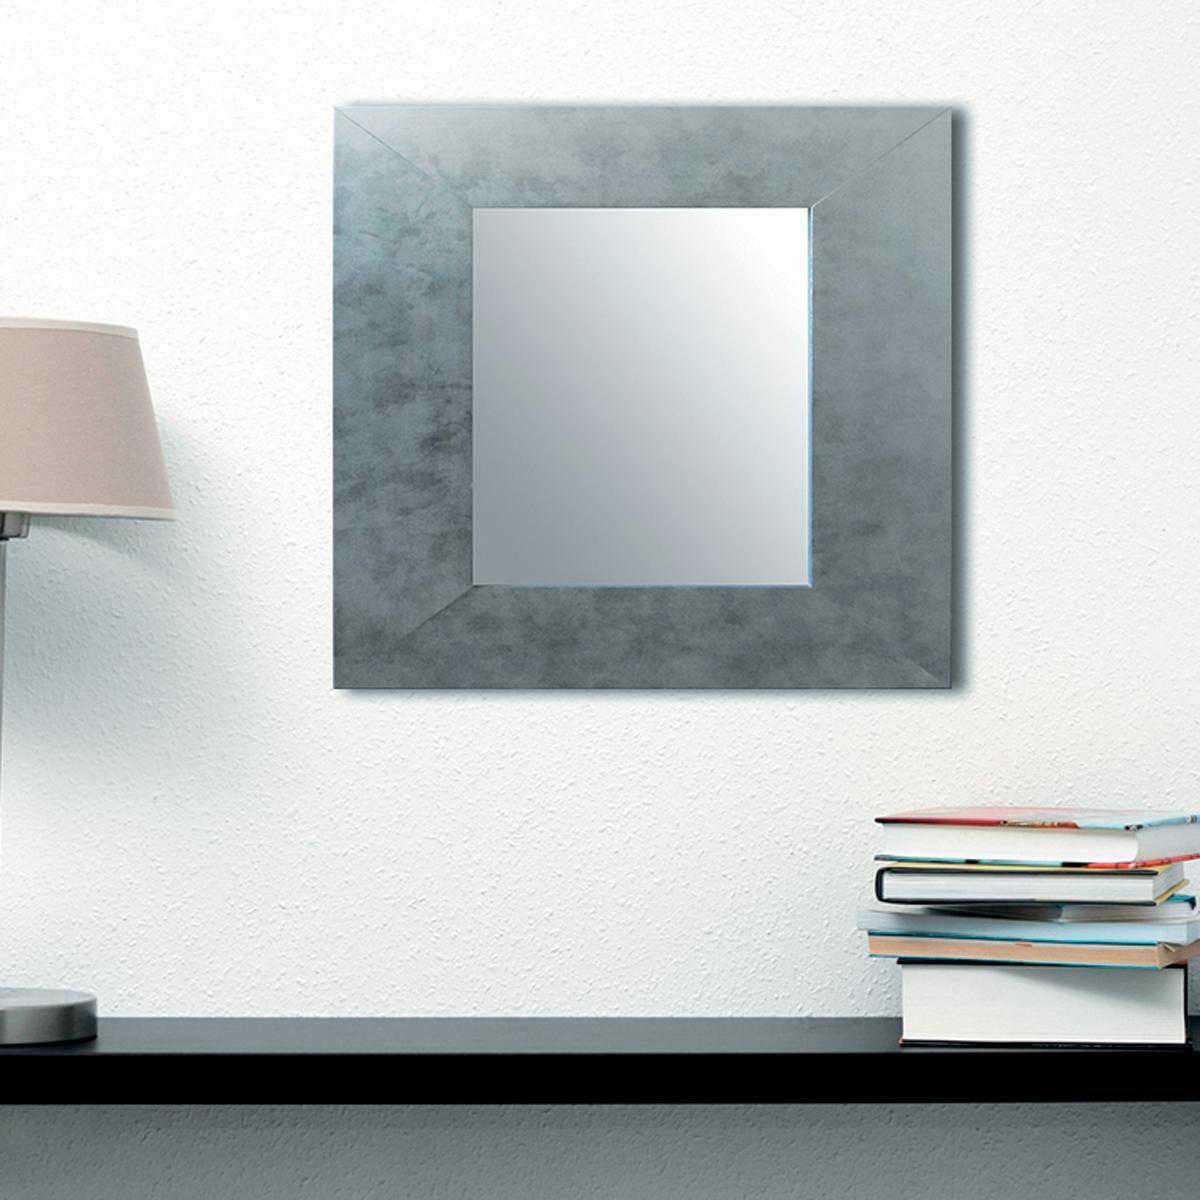 Specchio a parete rettangolare Osakan argento 60x90 cm - 3